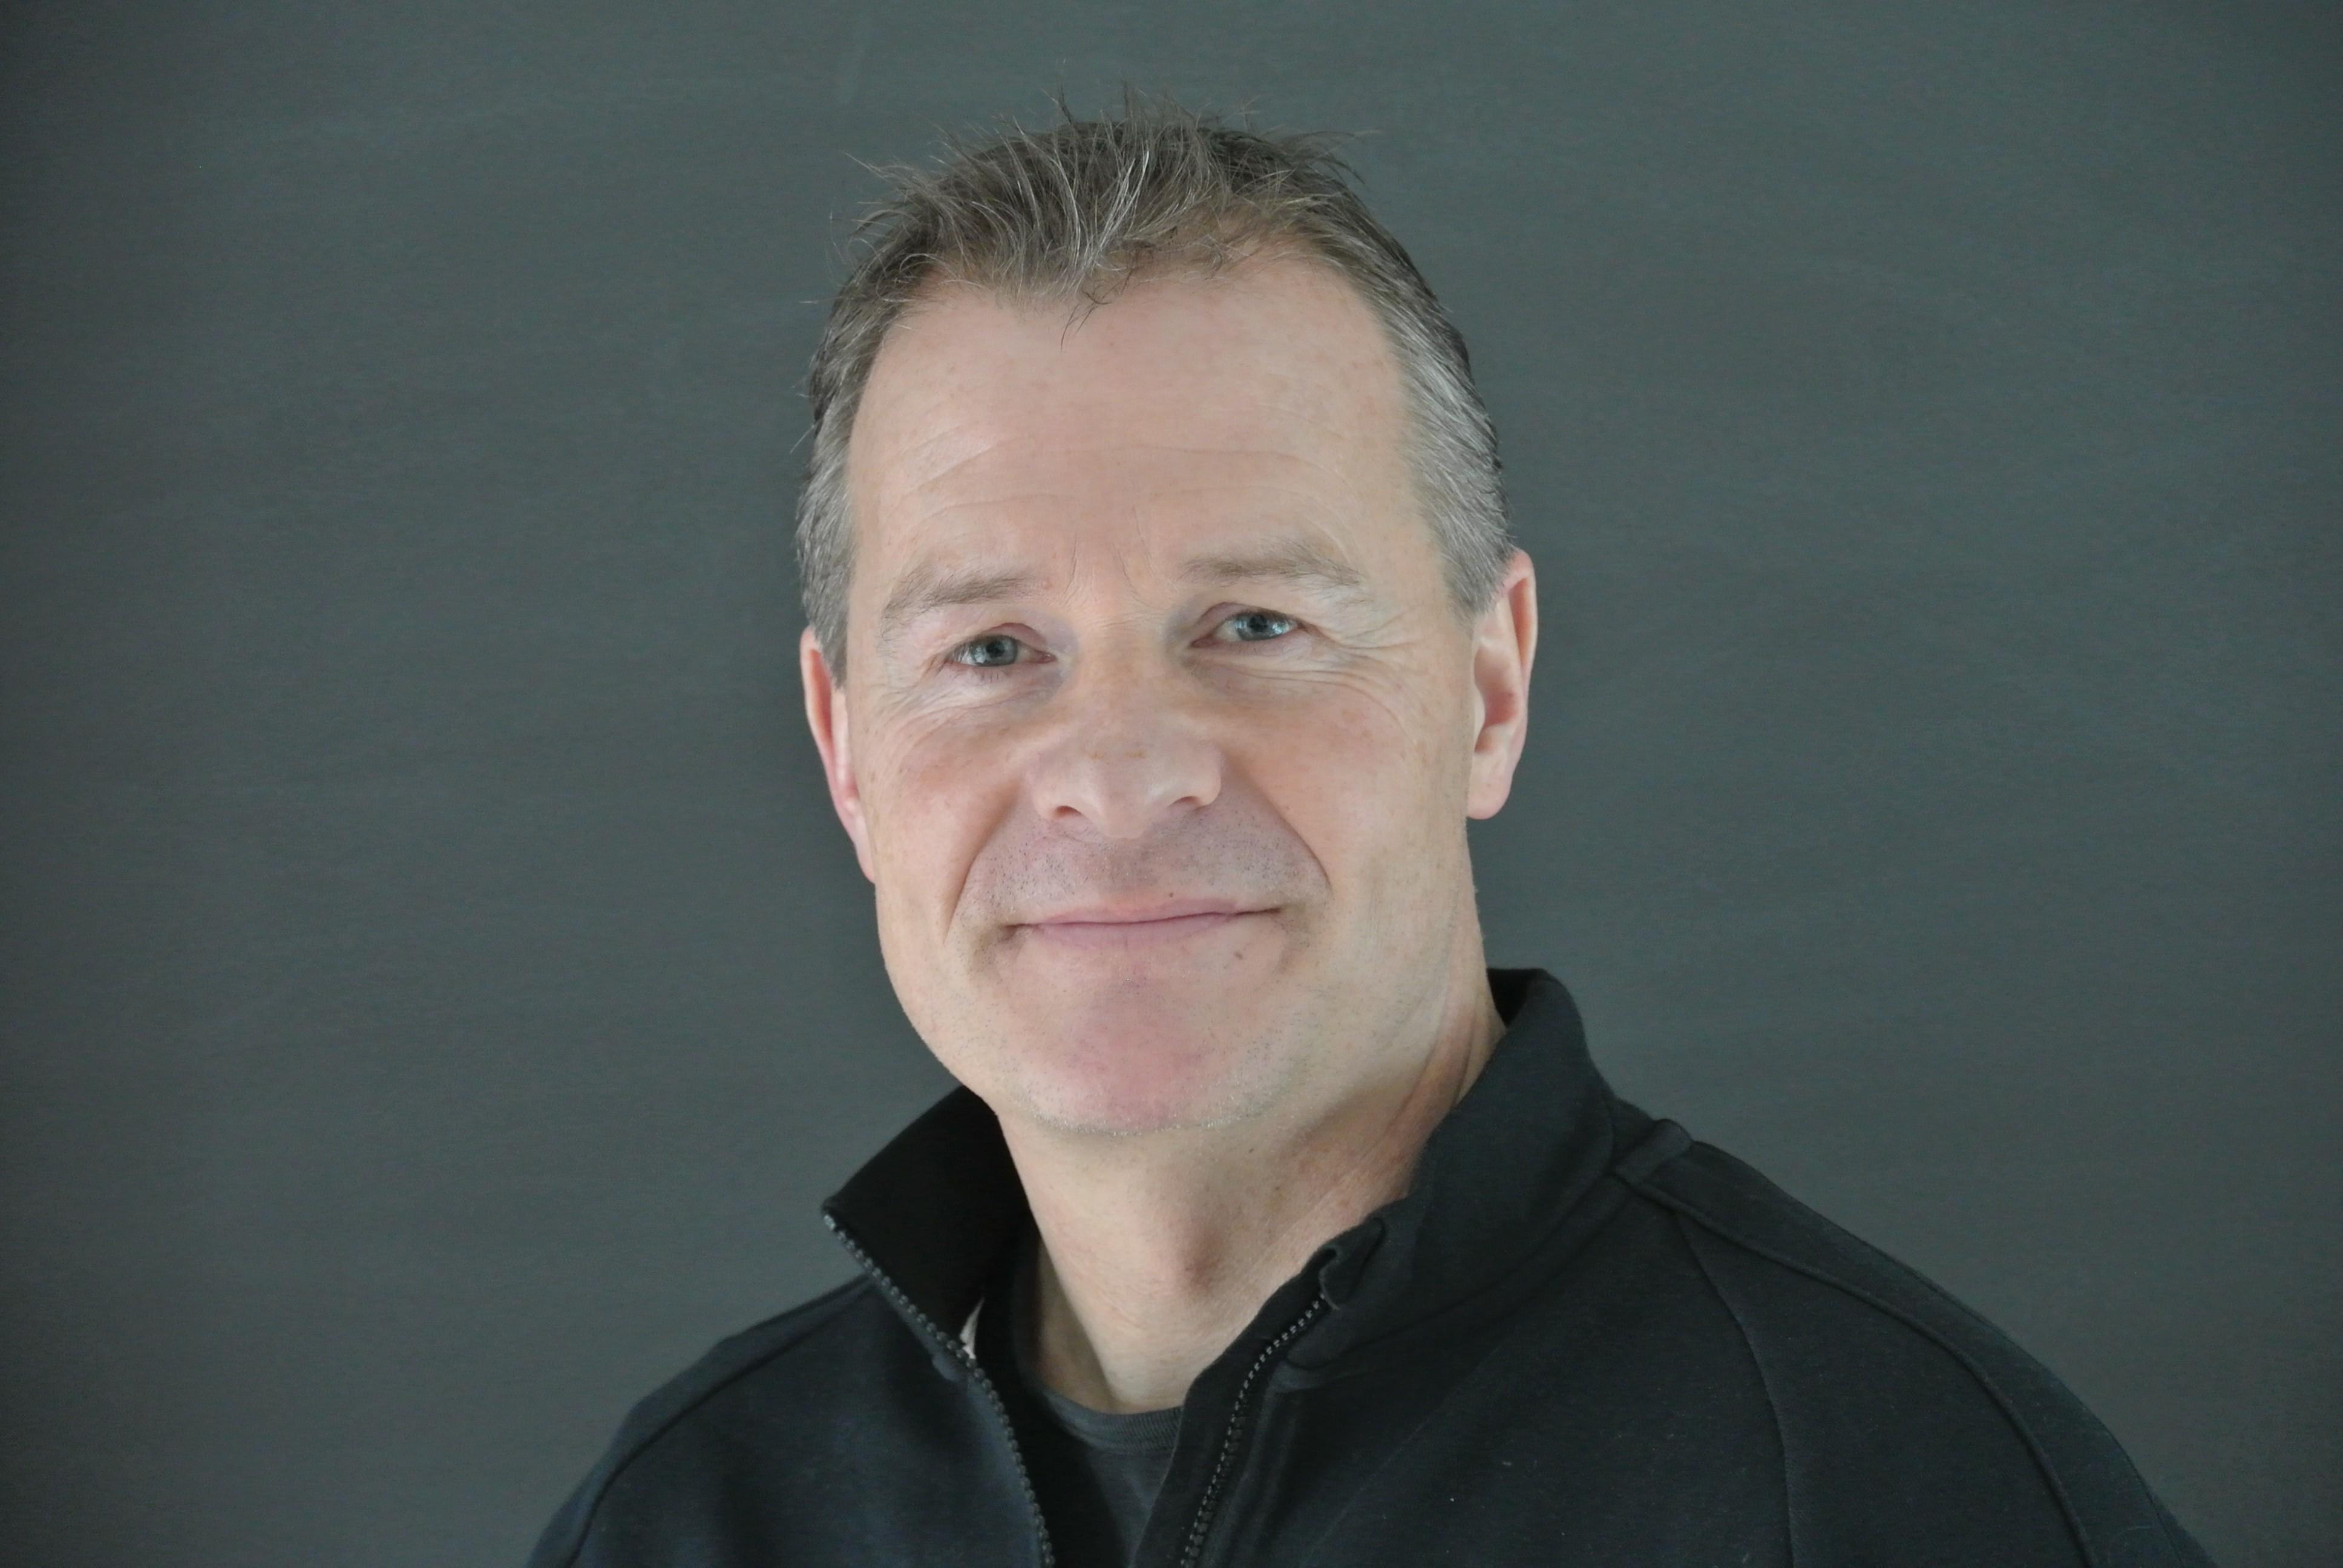 Martin uit het Broek, zorgcoach jobcoaches.nu